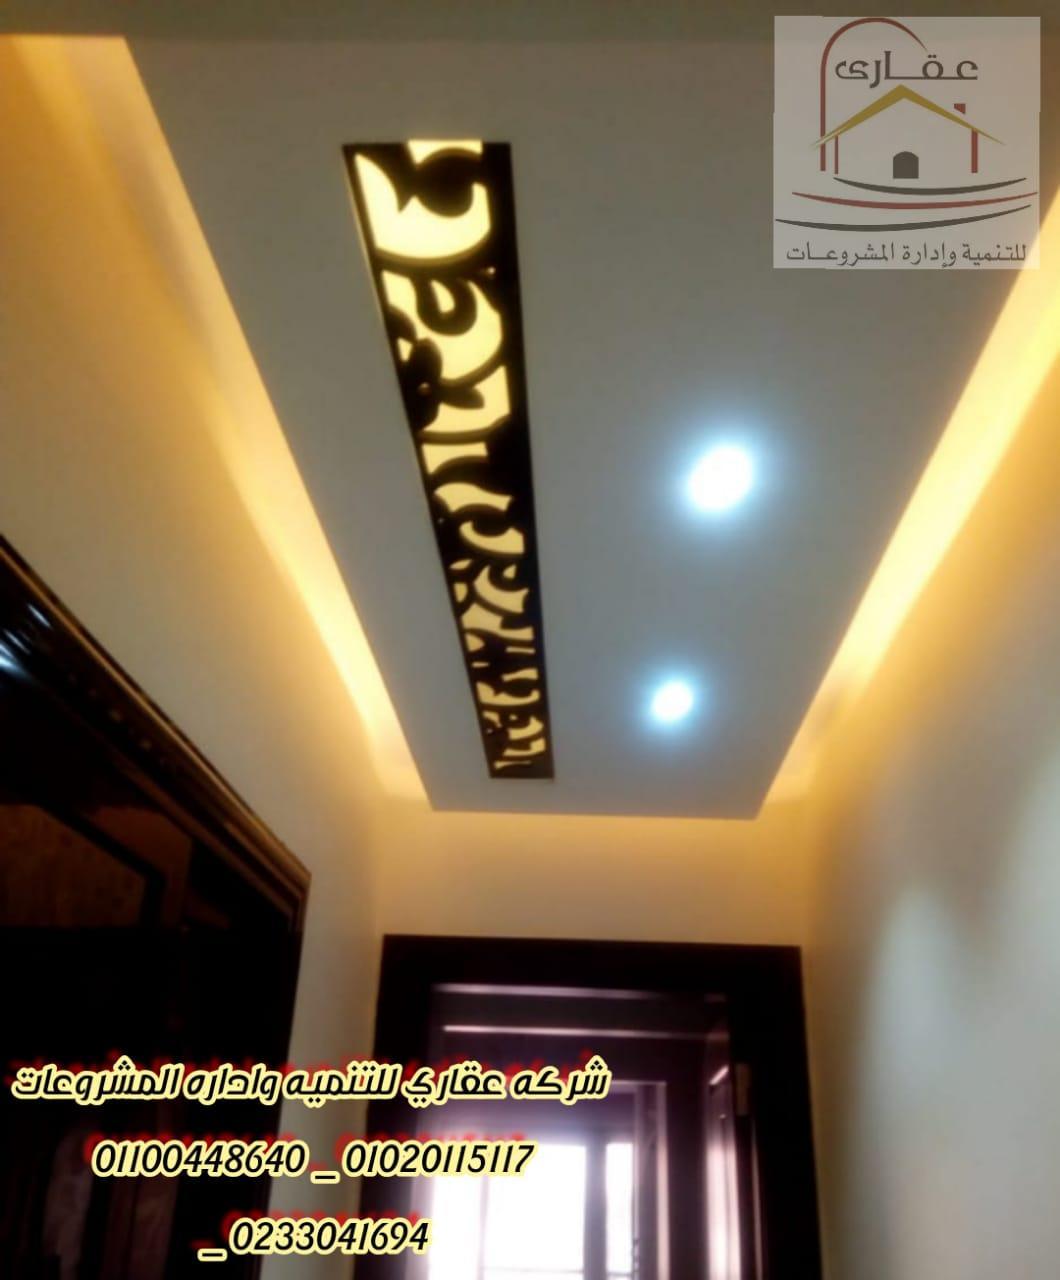 تصميم هندسي ديكورات ( شركه عقاري للتنميه واداره المشروعات01100448640  ) 371692409